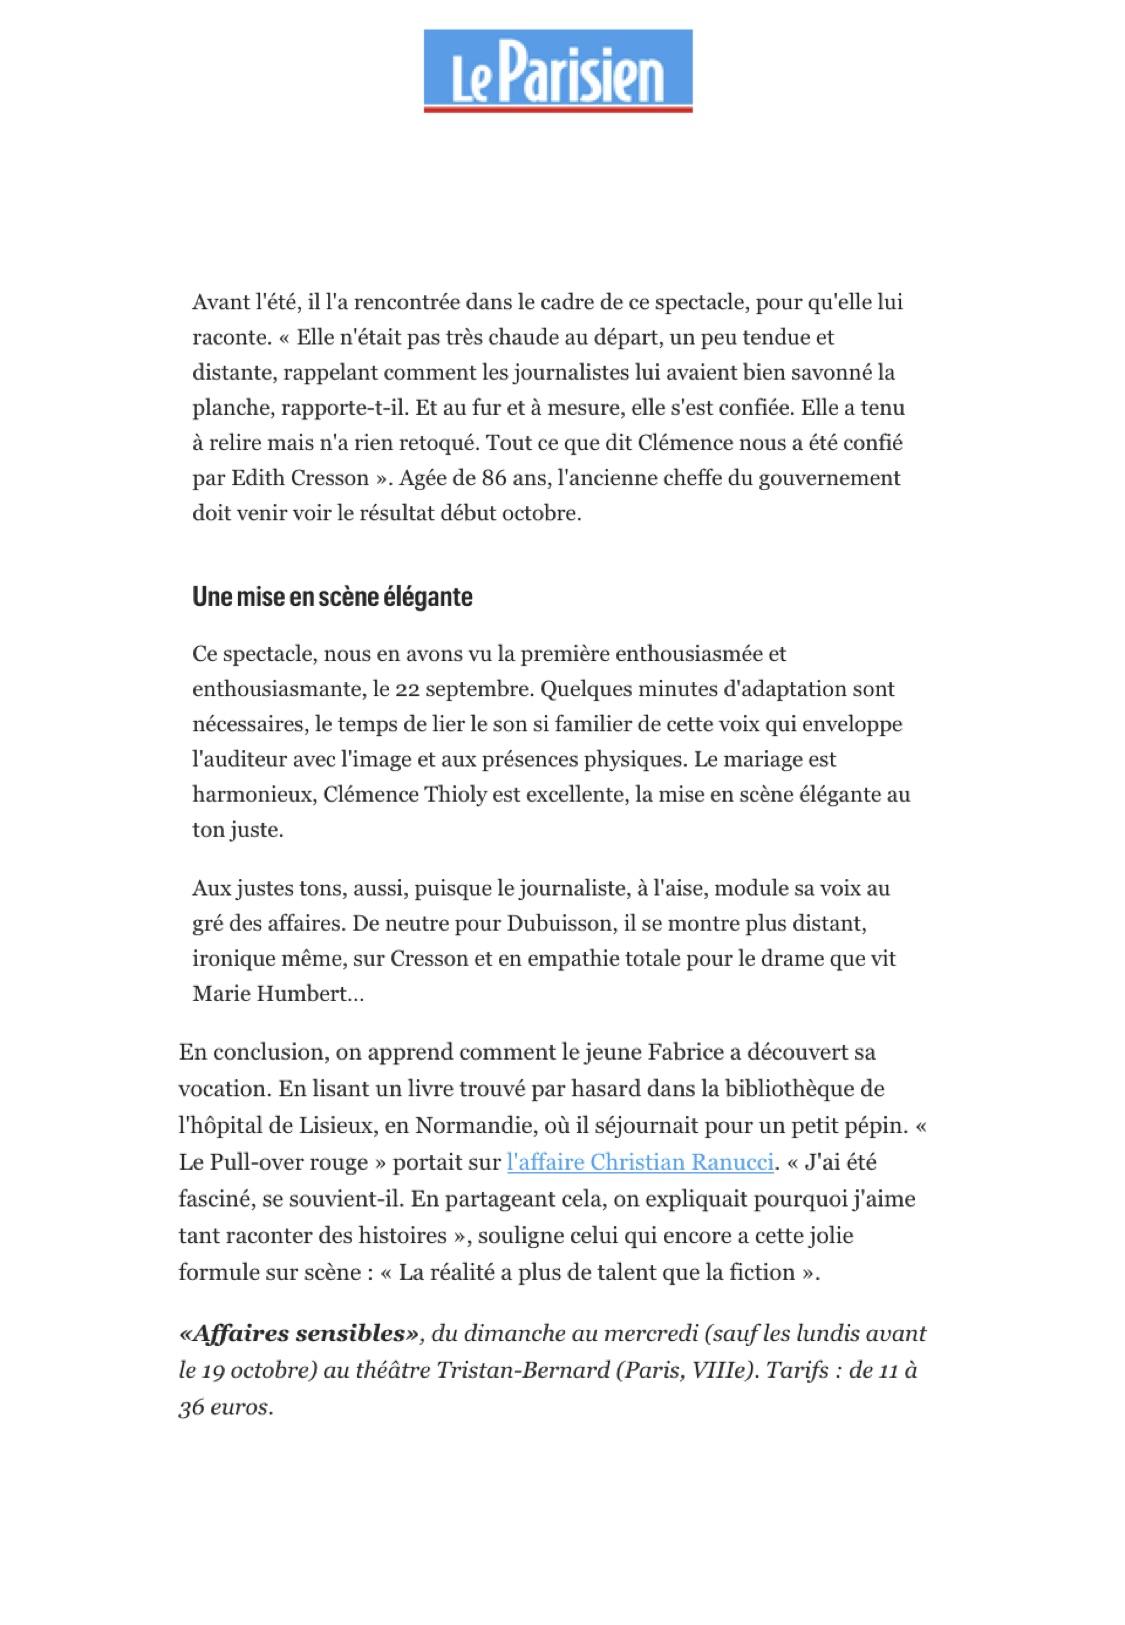 Le Parisien p3 29.09.20